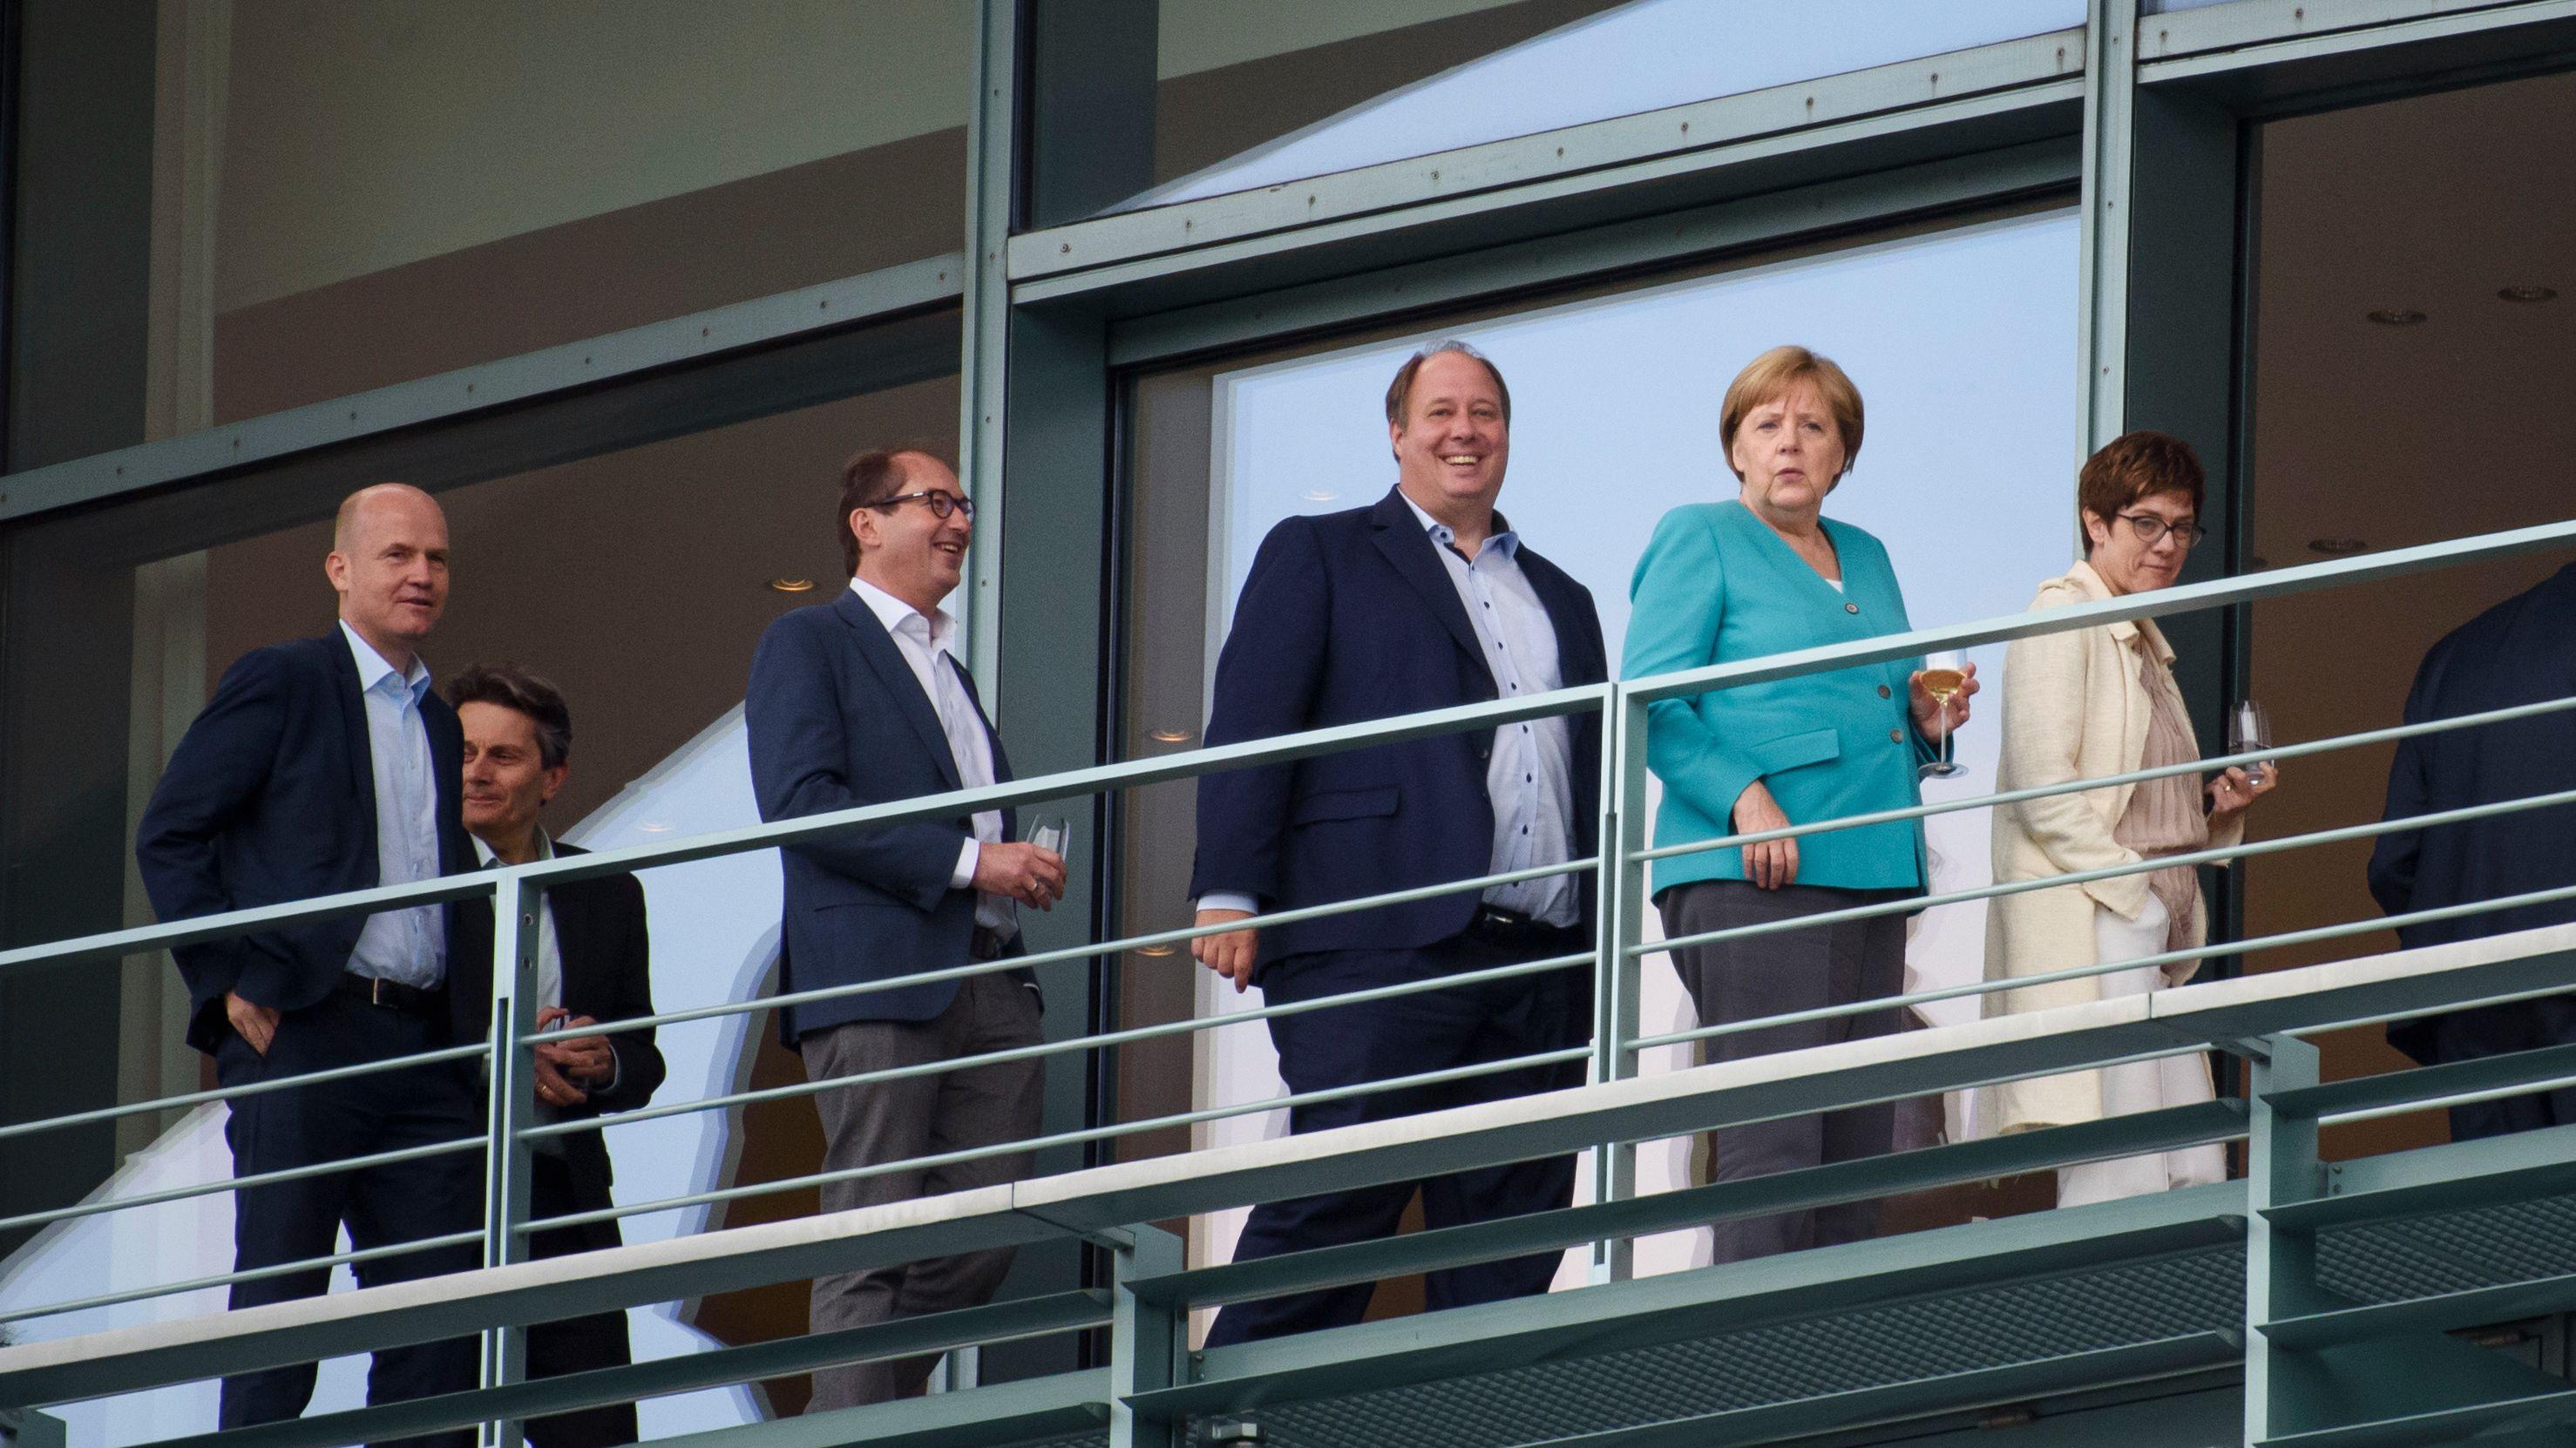 Von links: Ralph Brinkhaus (CDU), Rolf Mützenich (SPD), Alexander Dobrindt (CSU), Helge Braun (CDU), Angela Merkel (CDU), und Annegret Kramp-Karrenbauer (CDU)